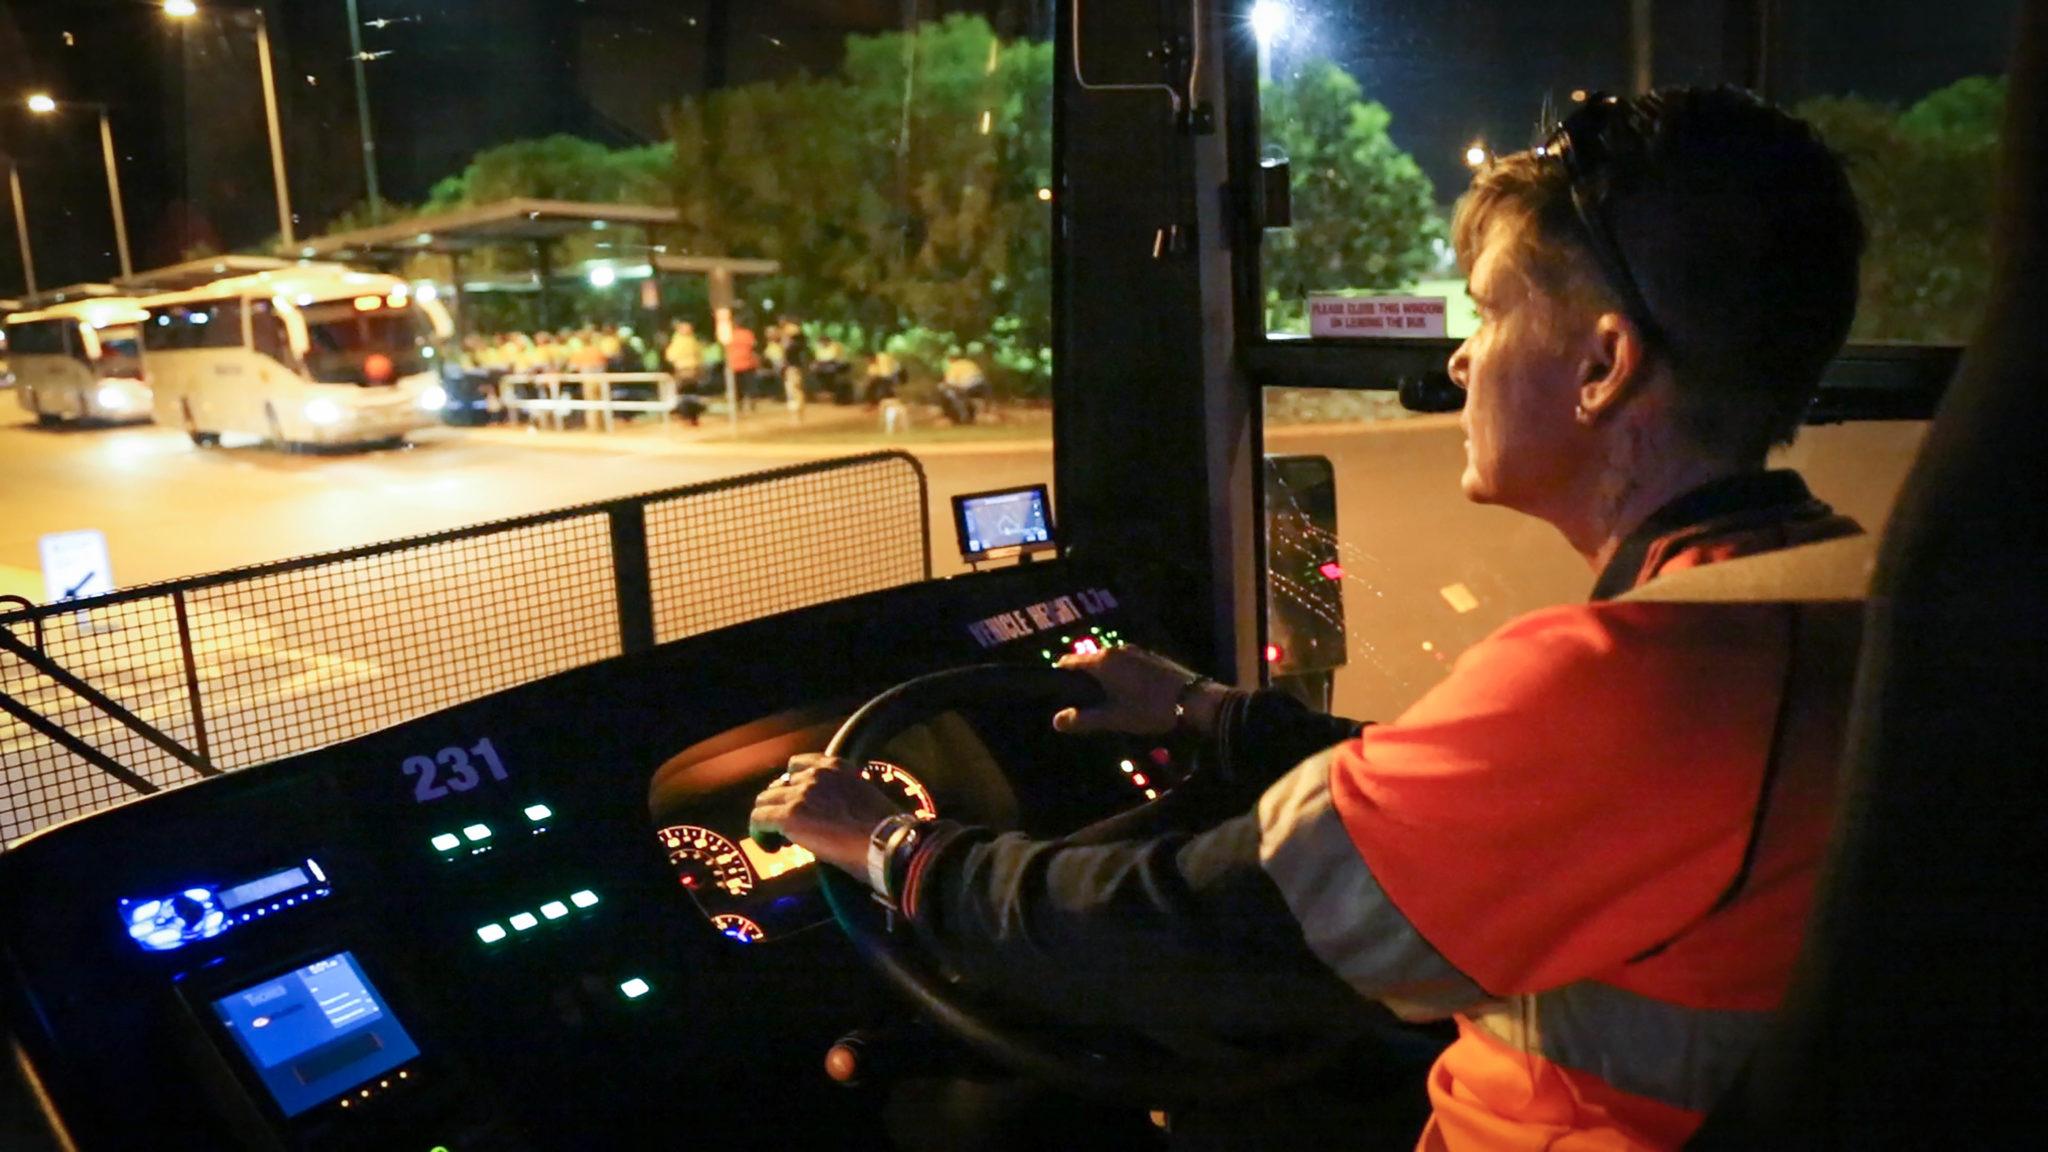 Buslink Vivo, employee app, Staffbase, transport sector